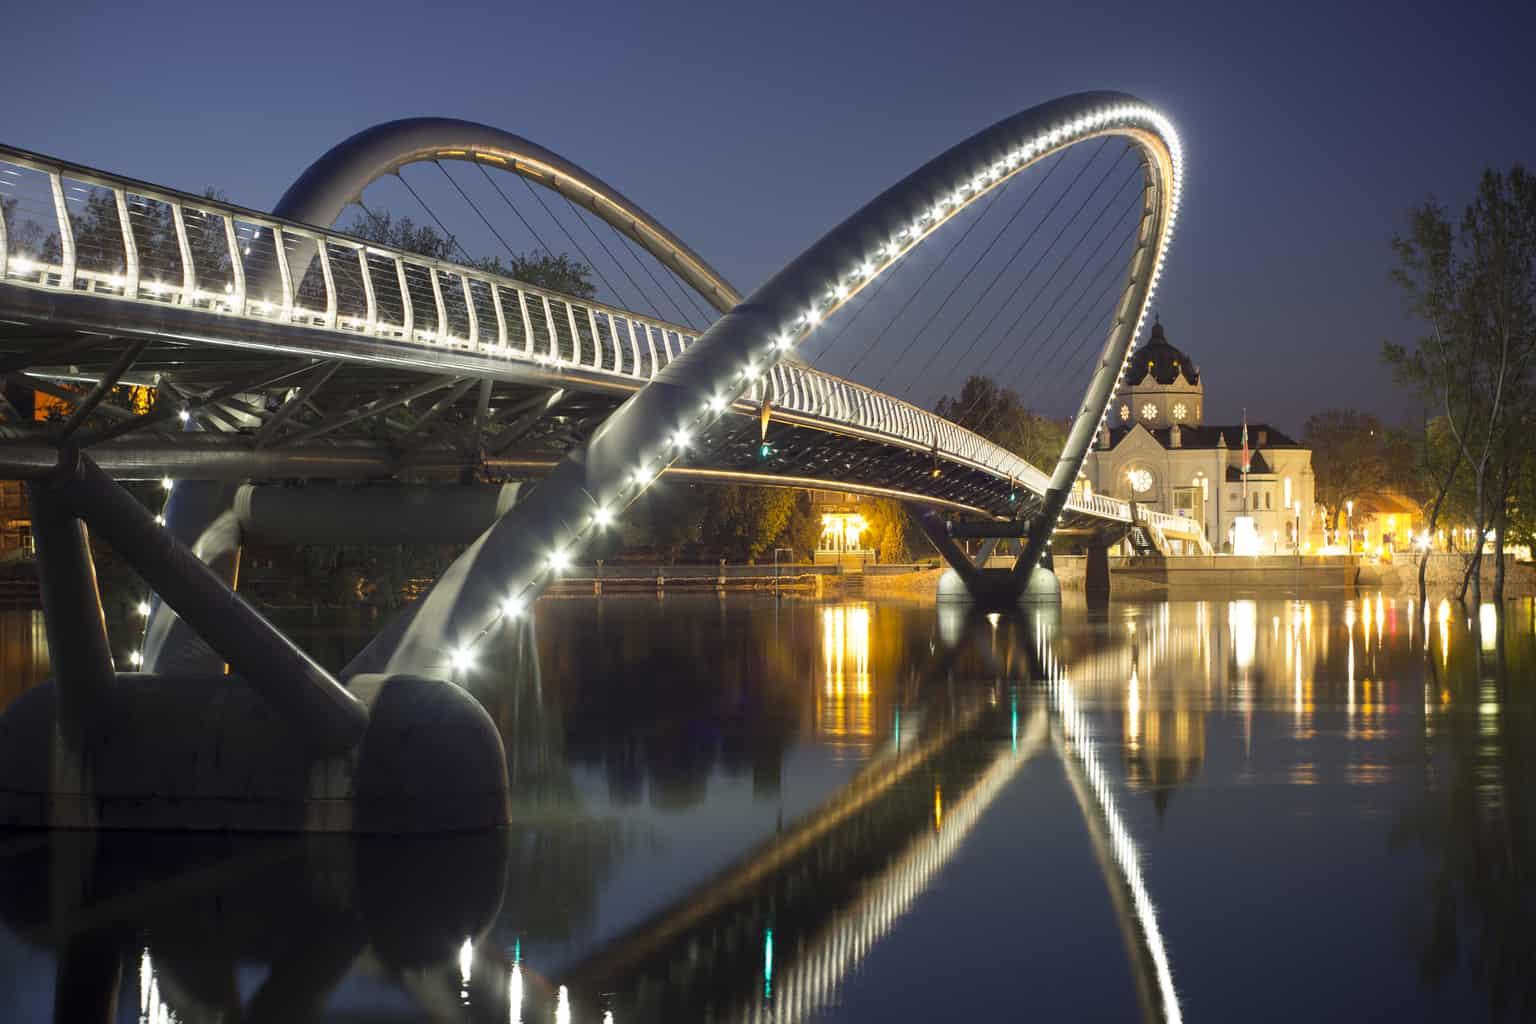 Tiszavirág gyalogos- és kerékpáros híd - Szolnok